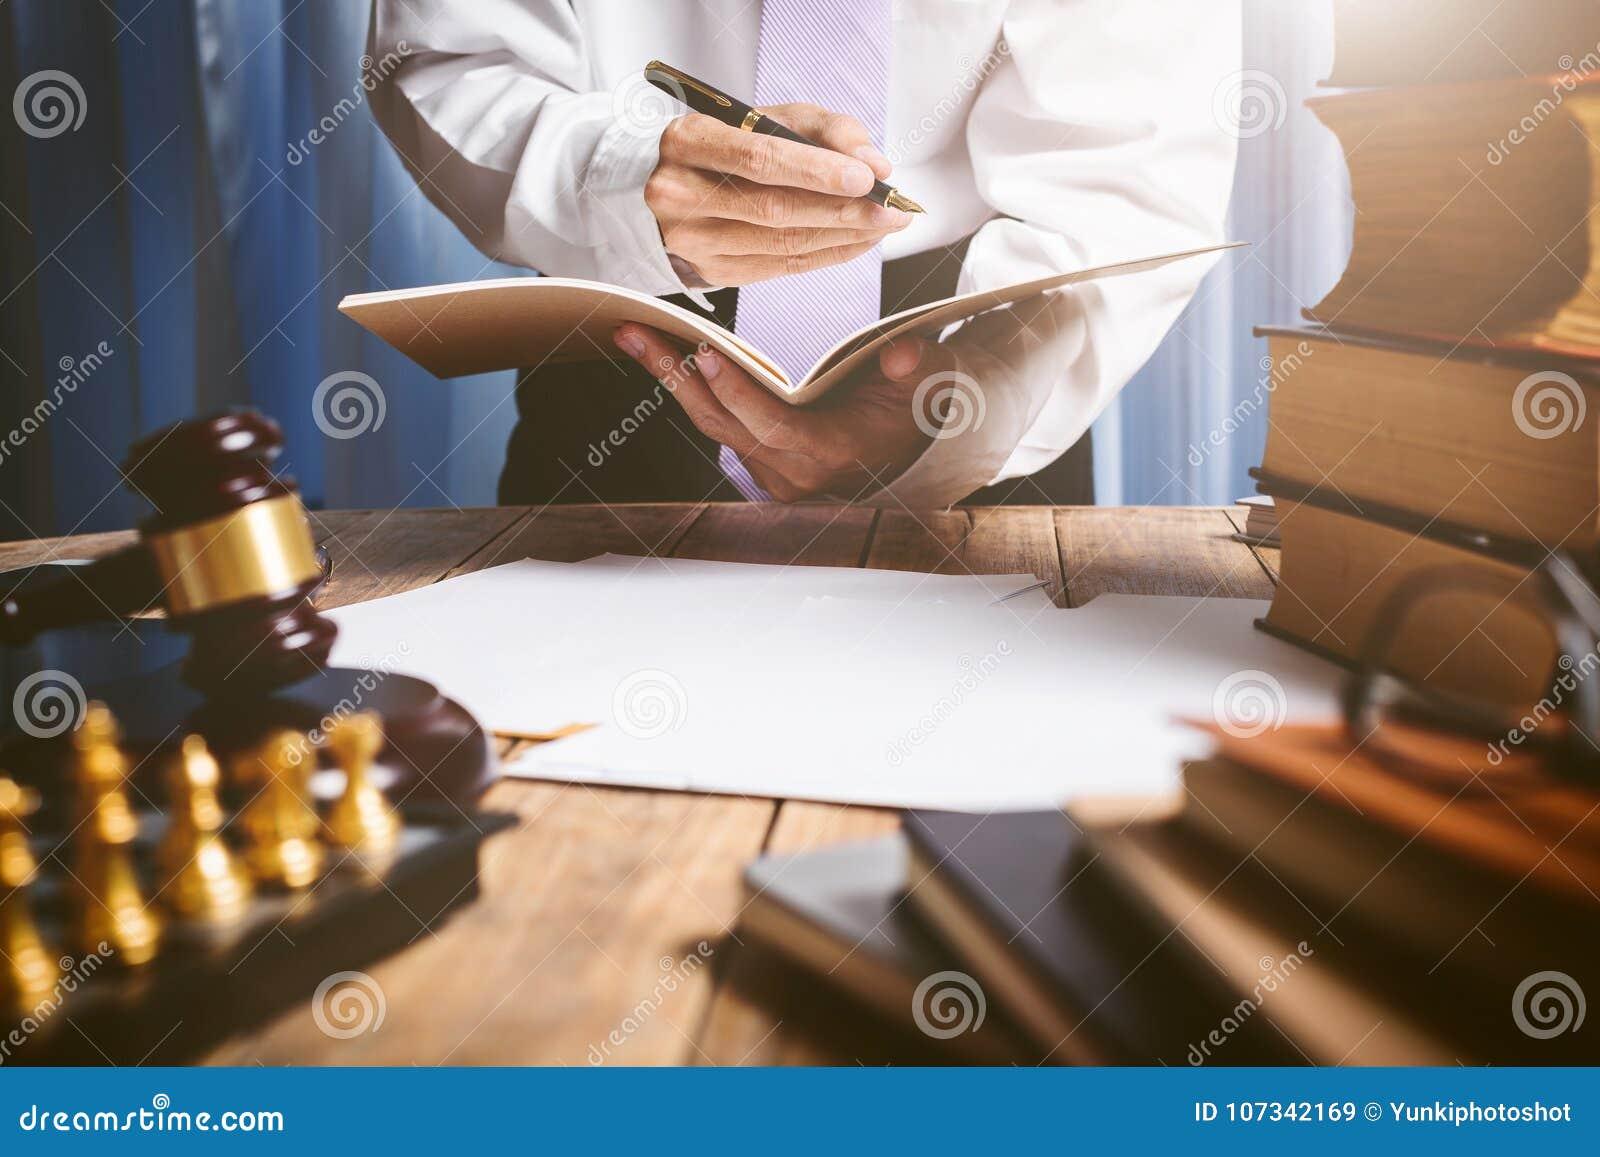 Азиатский молодой юрист в винтажном частном зале судебных заседаний